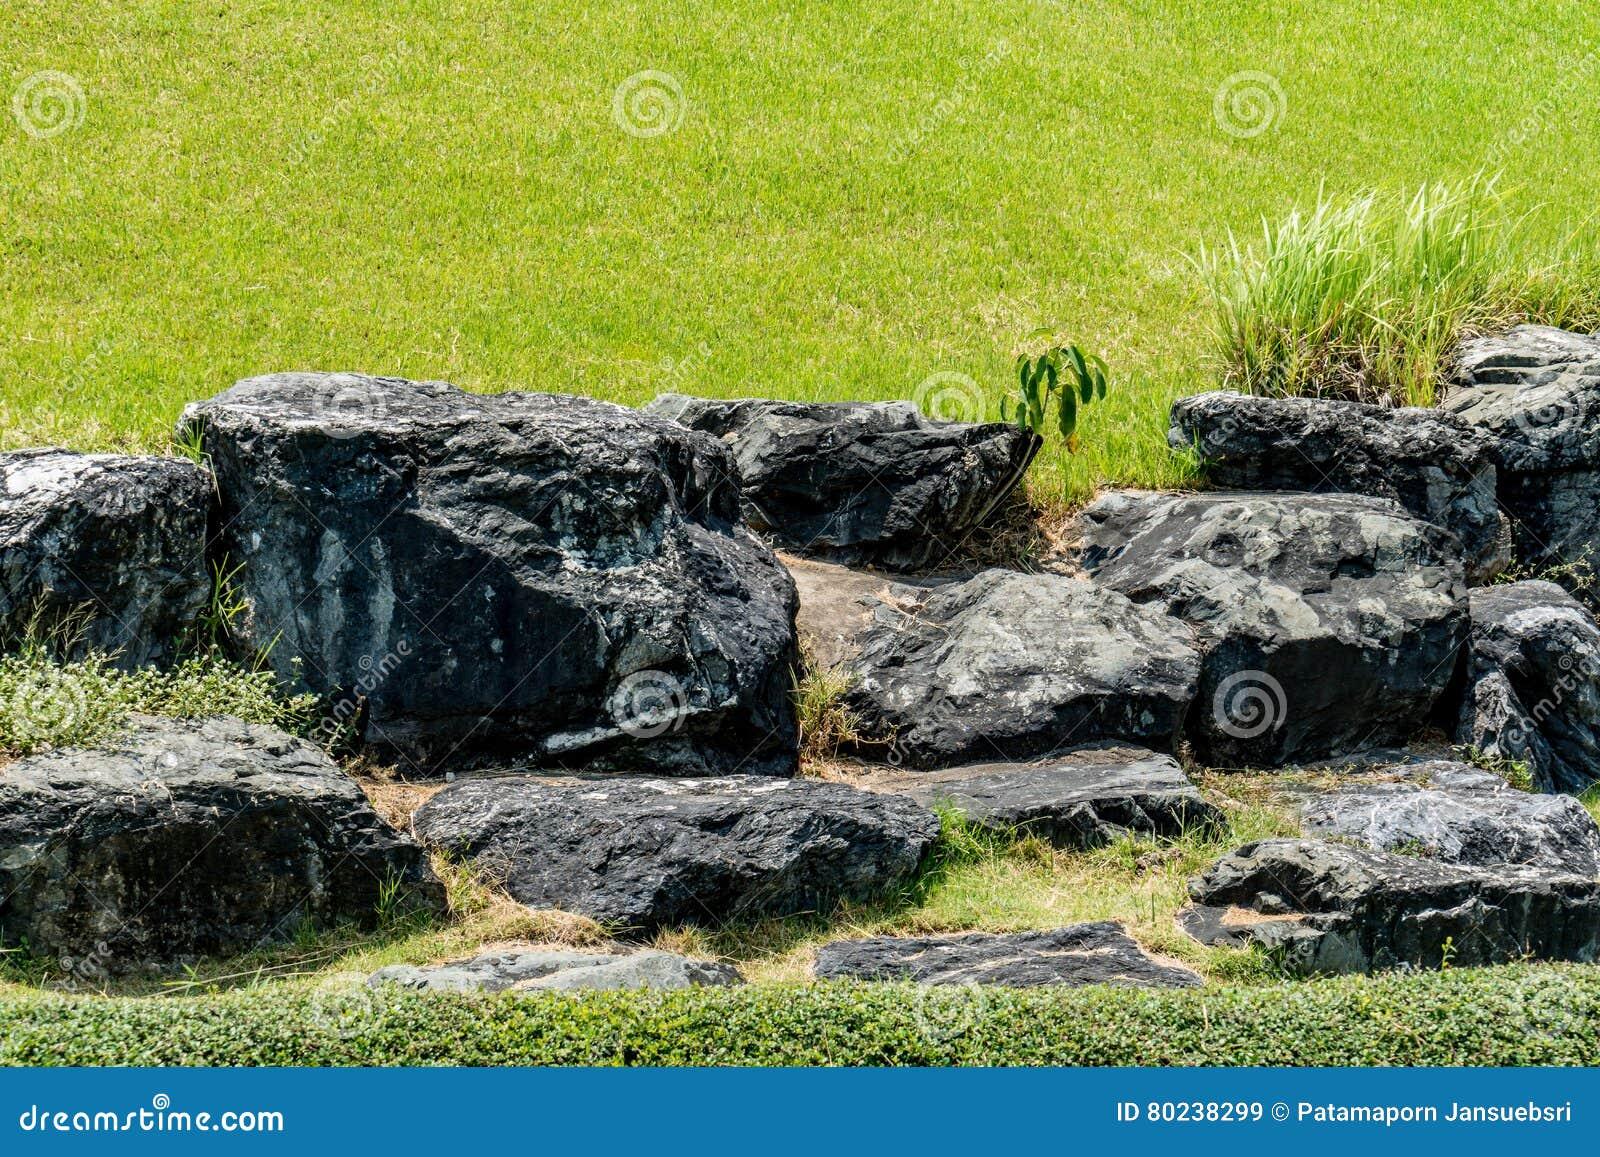 Grosse Steine Im Garten Stockbild Bild Von Nave Park 80238299